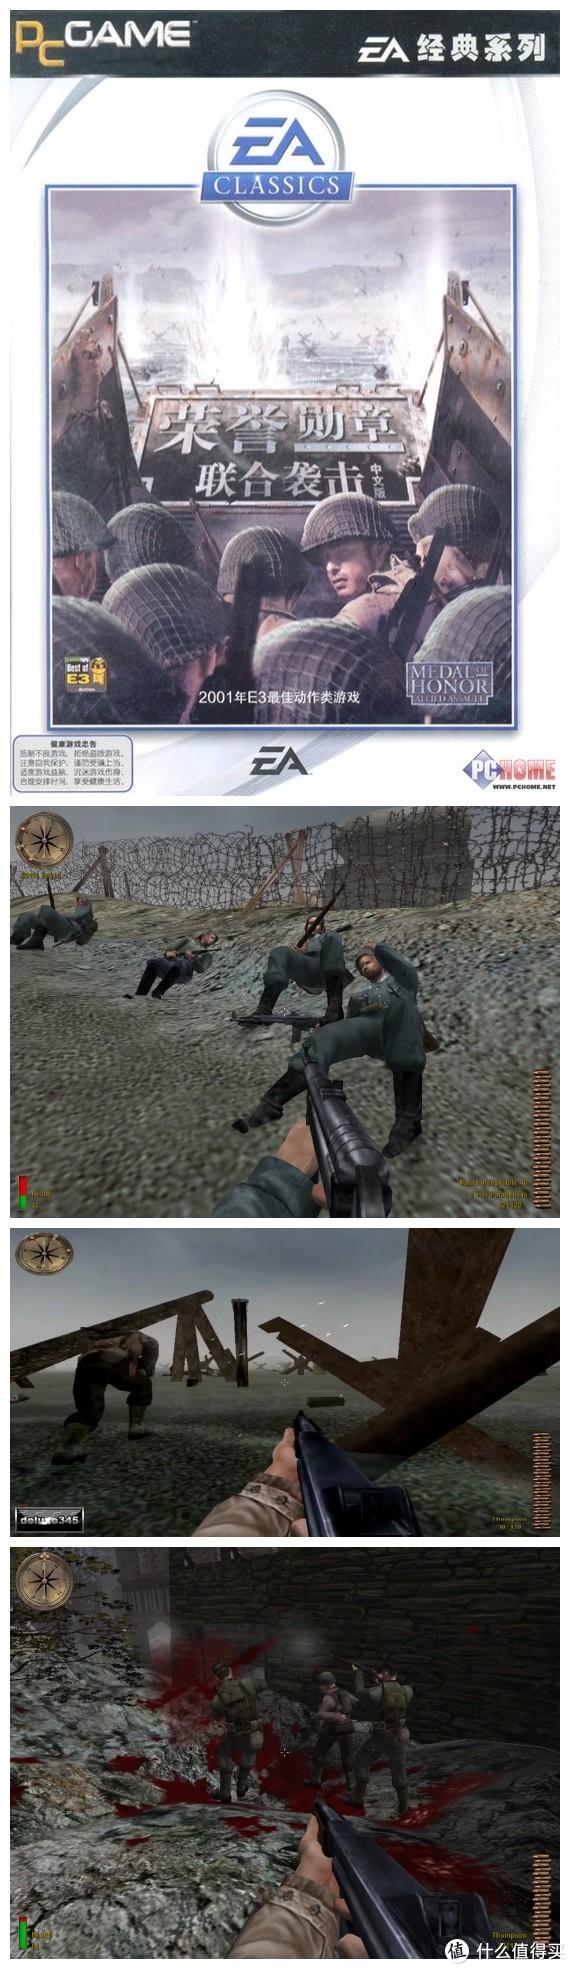 联合袭击是当年E3最佳动作类游戏得主